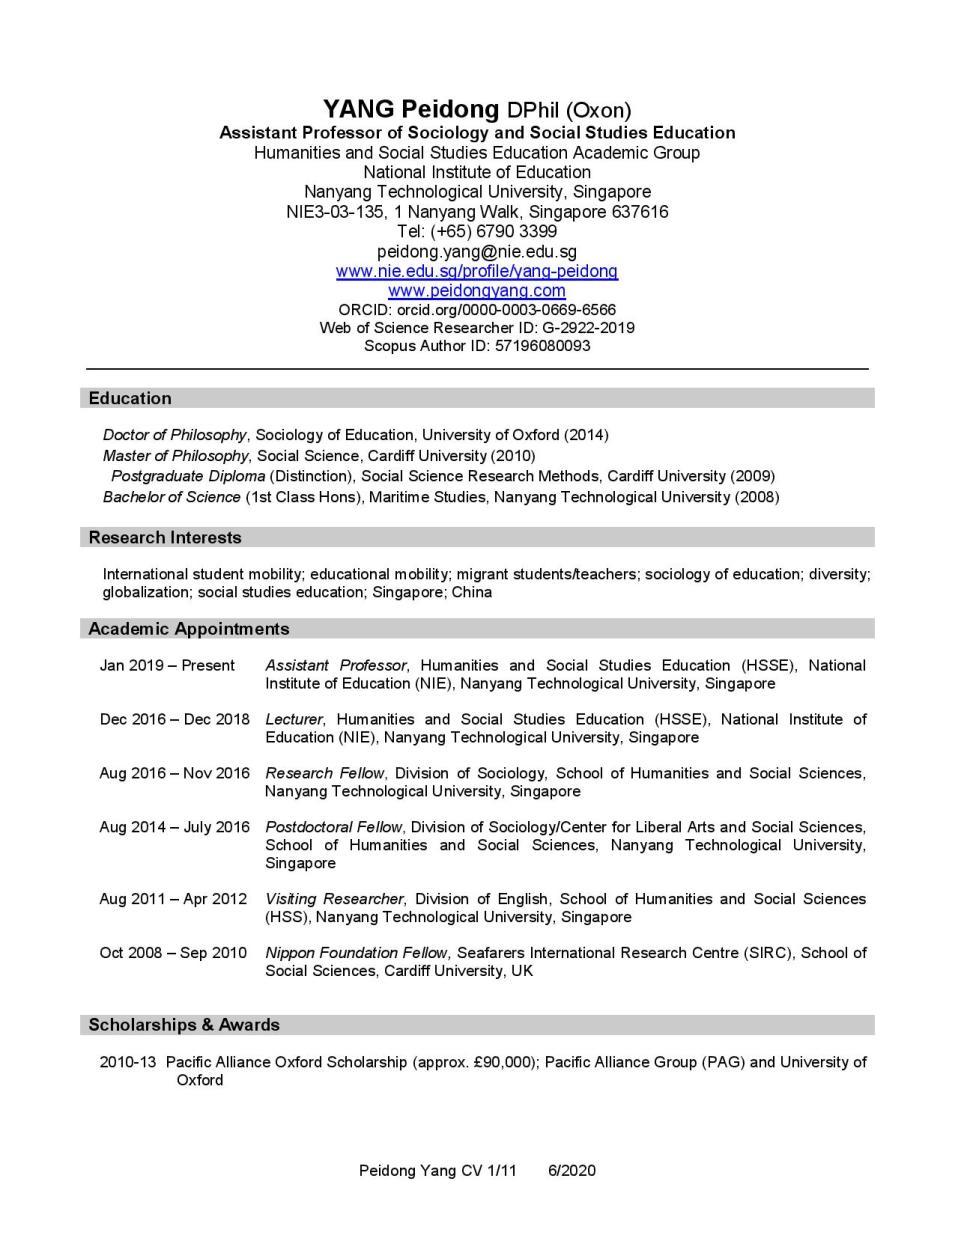 CV YANG Peidong_6.2020-page-001